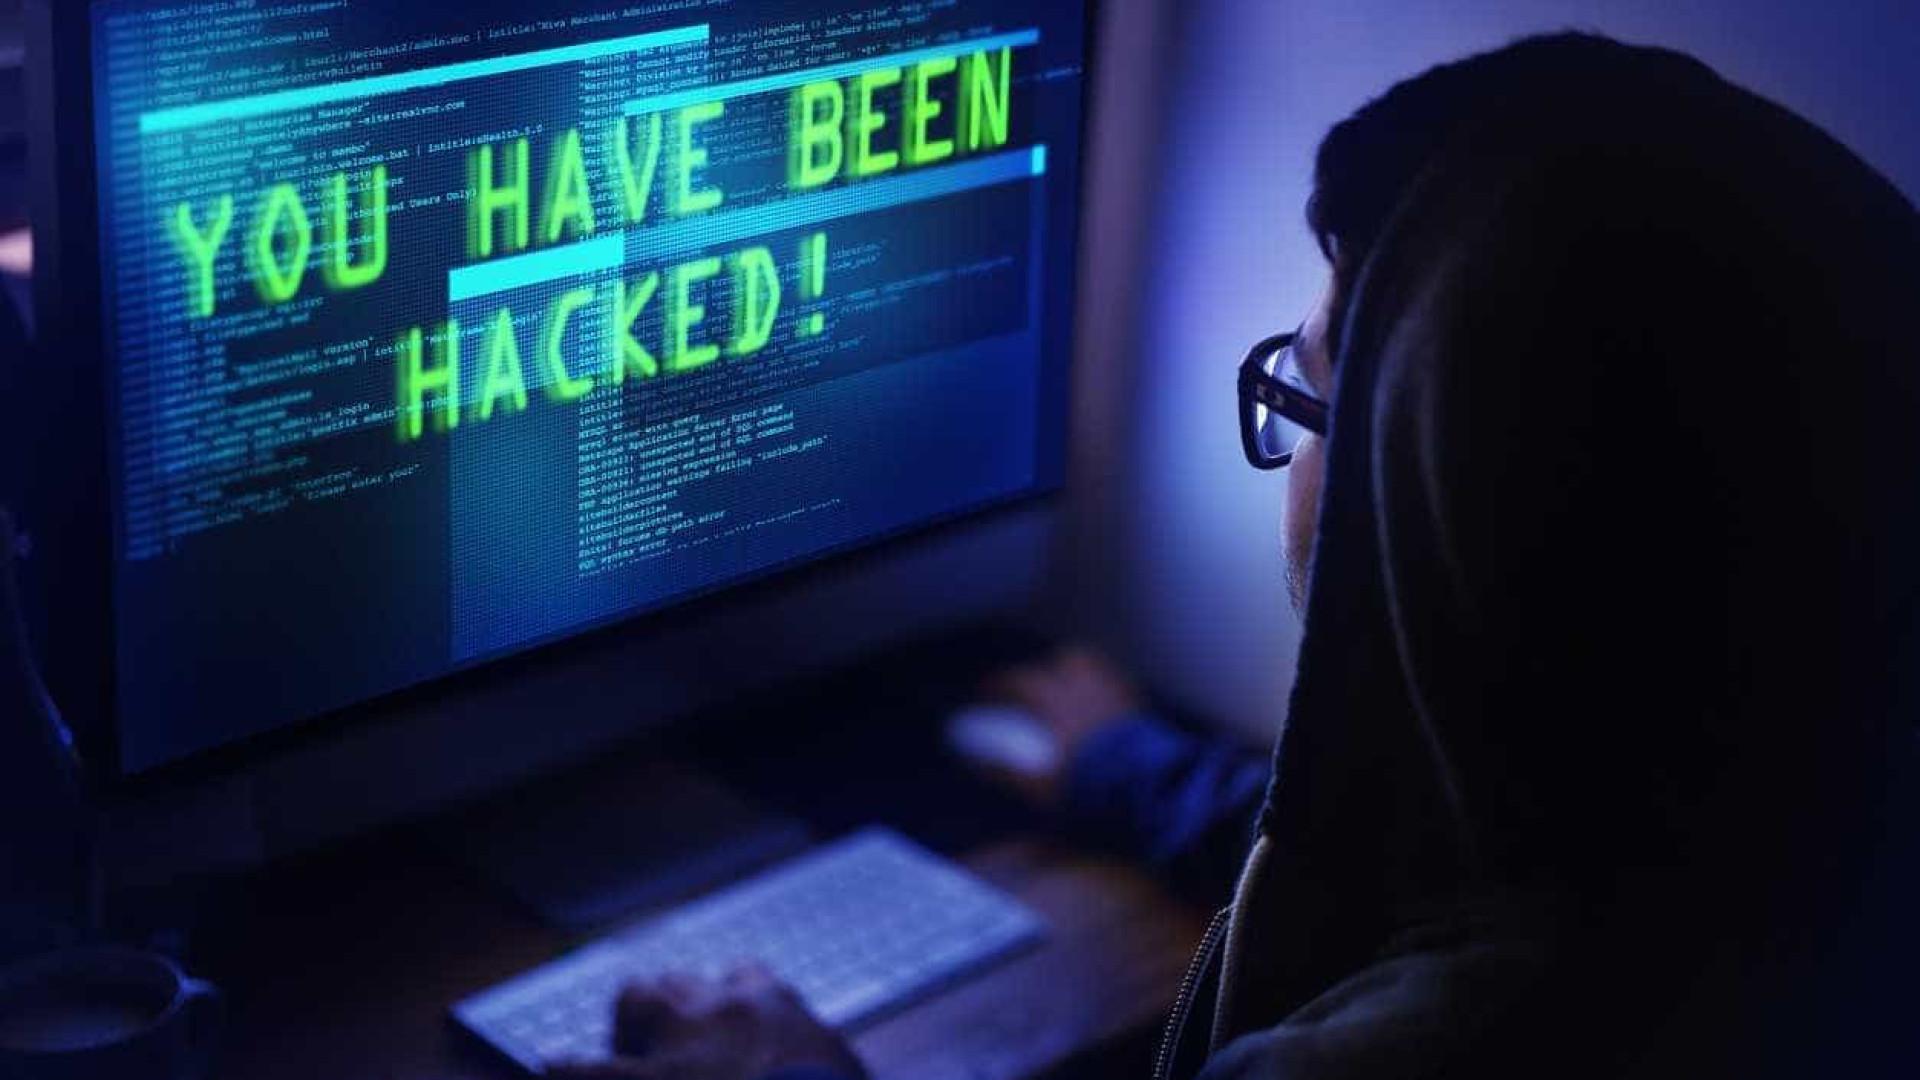 Ciberataques causam danos anuais de 400 mil milhões euros no mundo